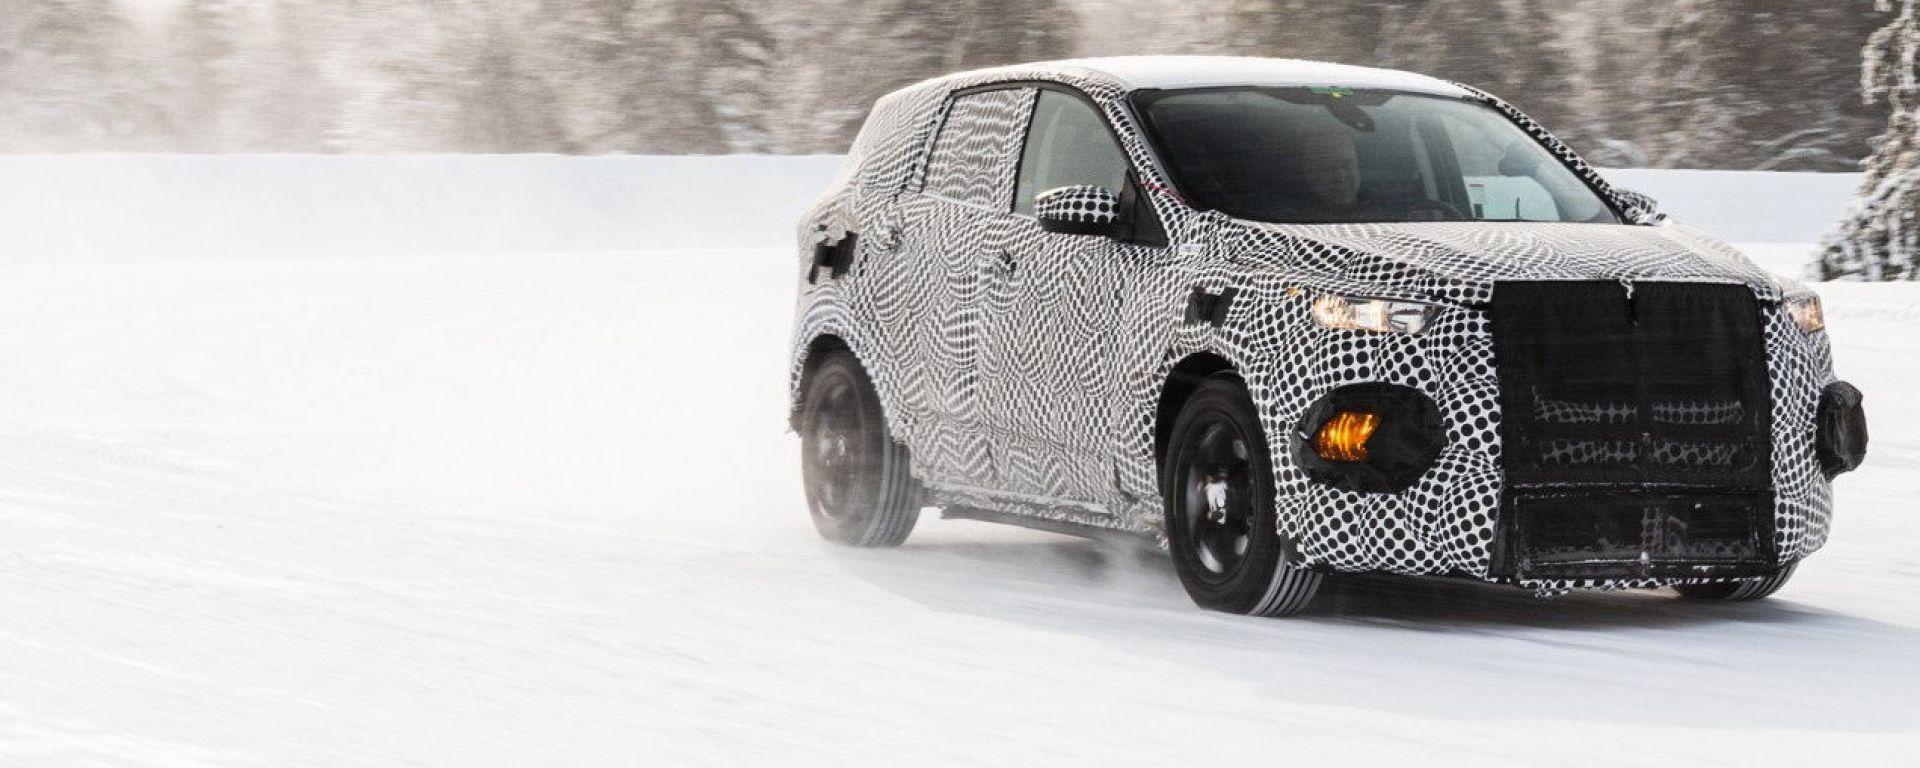 """Ford Mach 1, tra un anno il Suv elettrico """"Mustang style"""""""